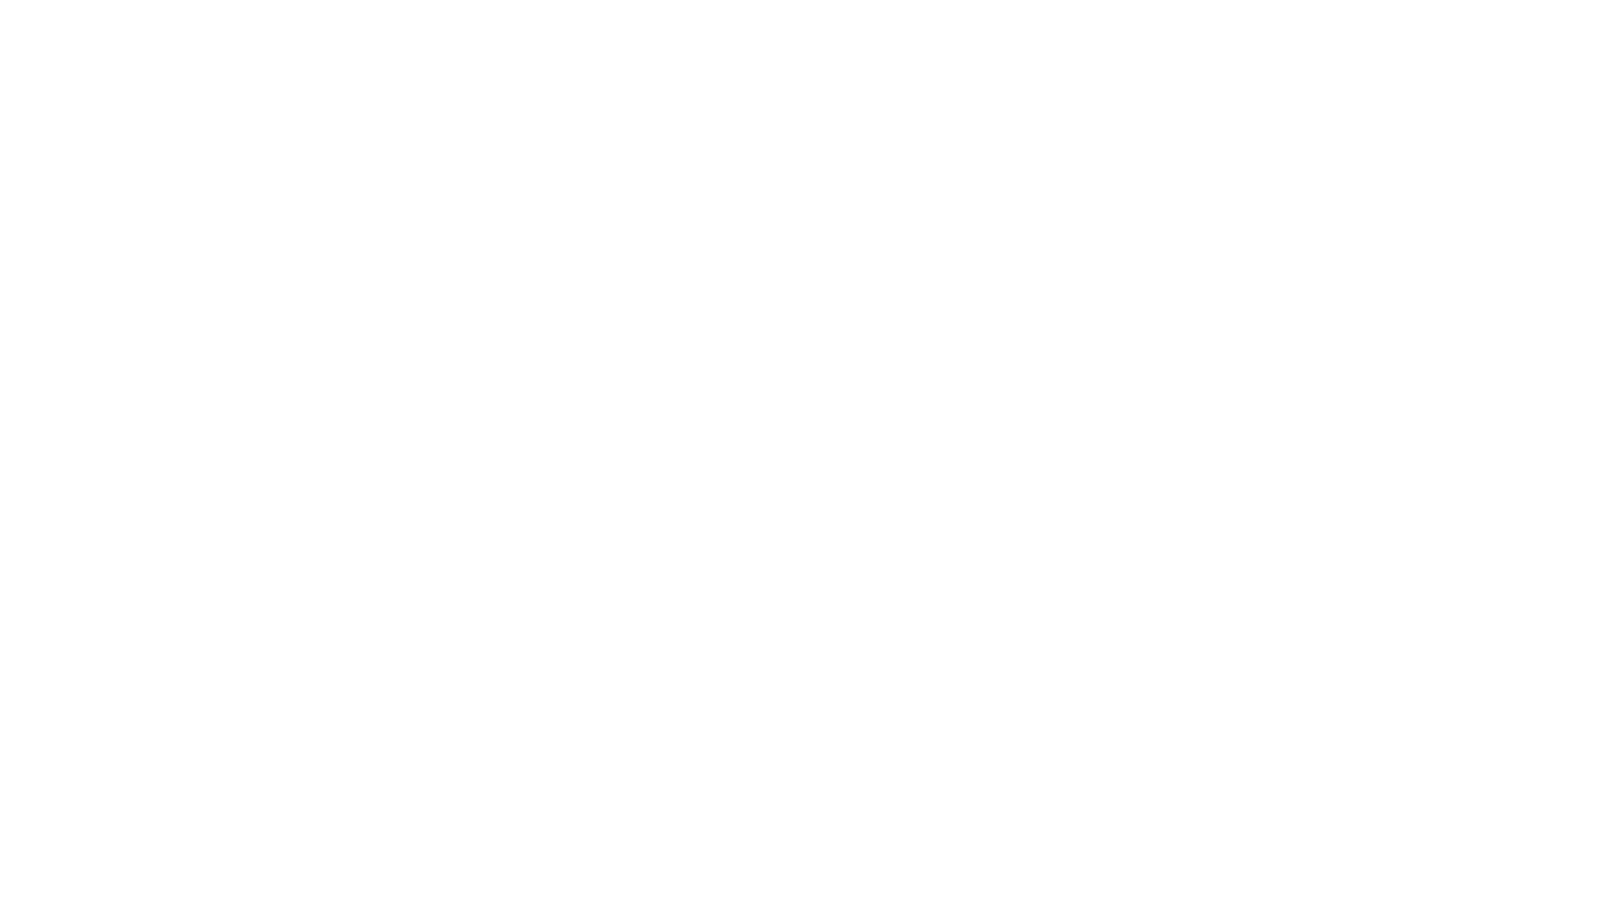 Pour cette semaine sur les Mardis on Mange!, Alex, étudiante en nutrition à McGill, nous parle de saumon en conserve. Tout au long de cette vidéo, elle discutera des méthodes de stockage, des bienfaits des oméga-3 et des types de saumon qui existent.  For this weeks How to Tuesdays!, Alex, a nutrition student at McGill speaks to us about canned salmon! Throughout this video she will discuss the methods of storing, the benefits of omega-3 and the types of salmon that exist.